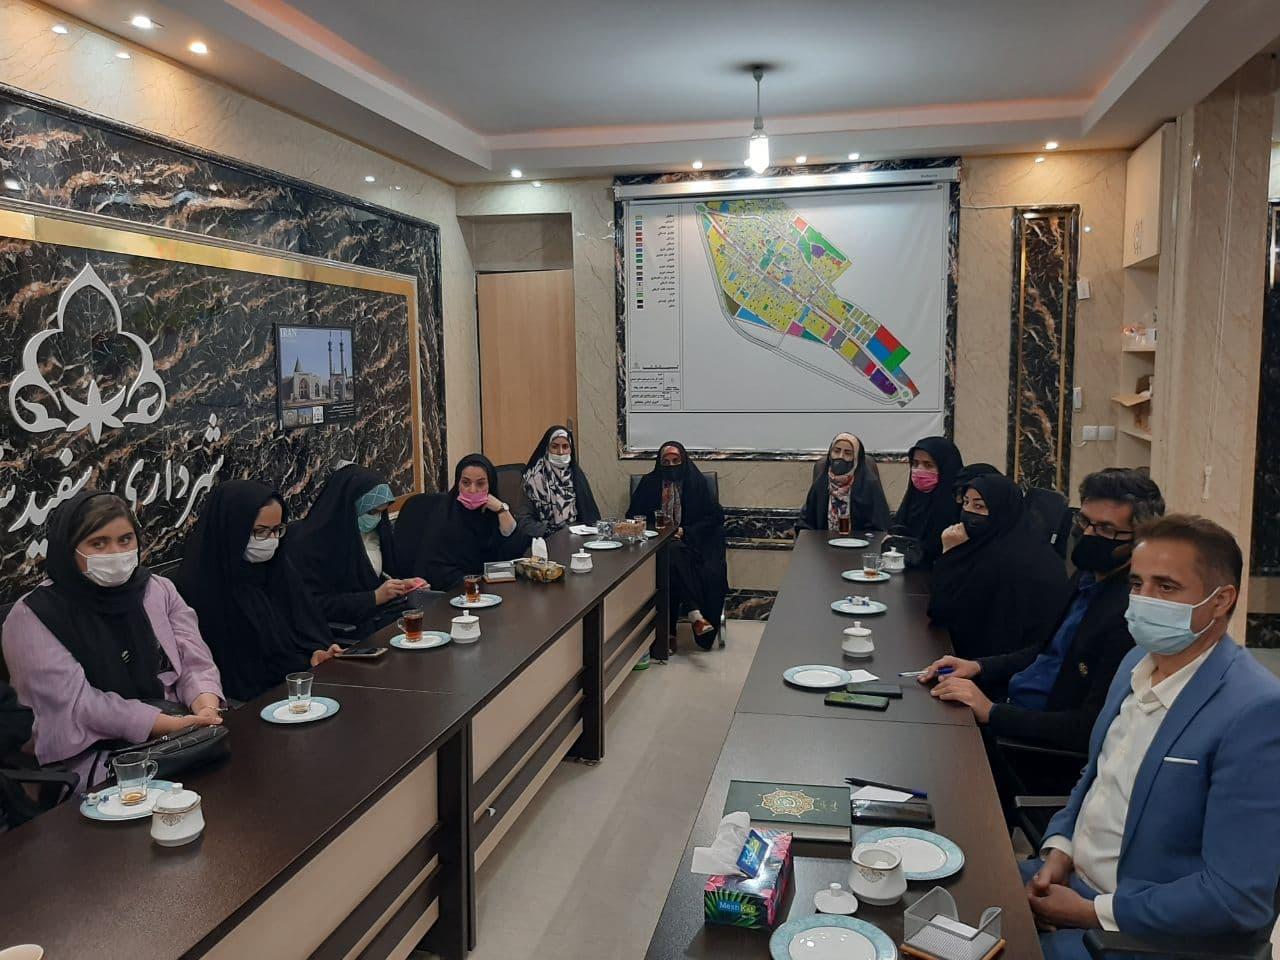 تجلیل از بانوان برگزیده جشنواره مجازی بانوان برتر سفیدشهر